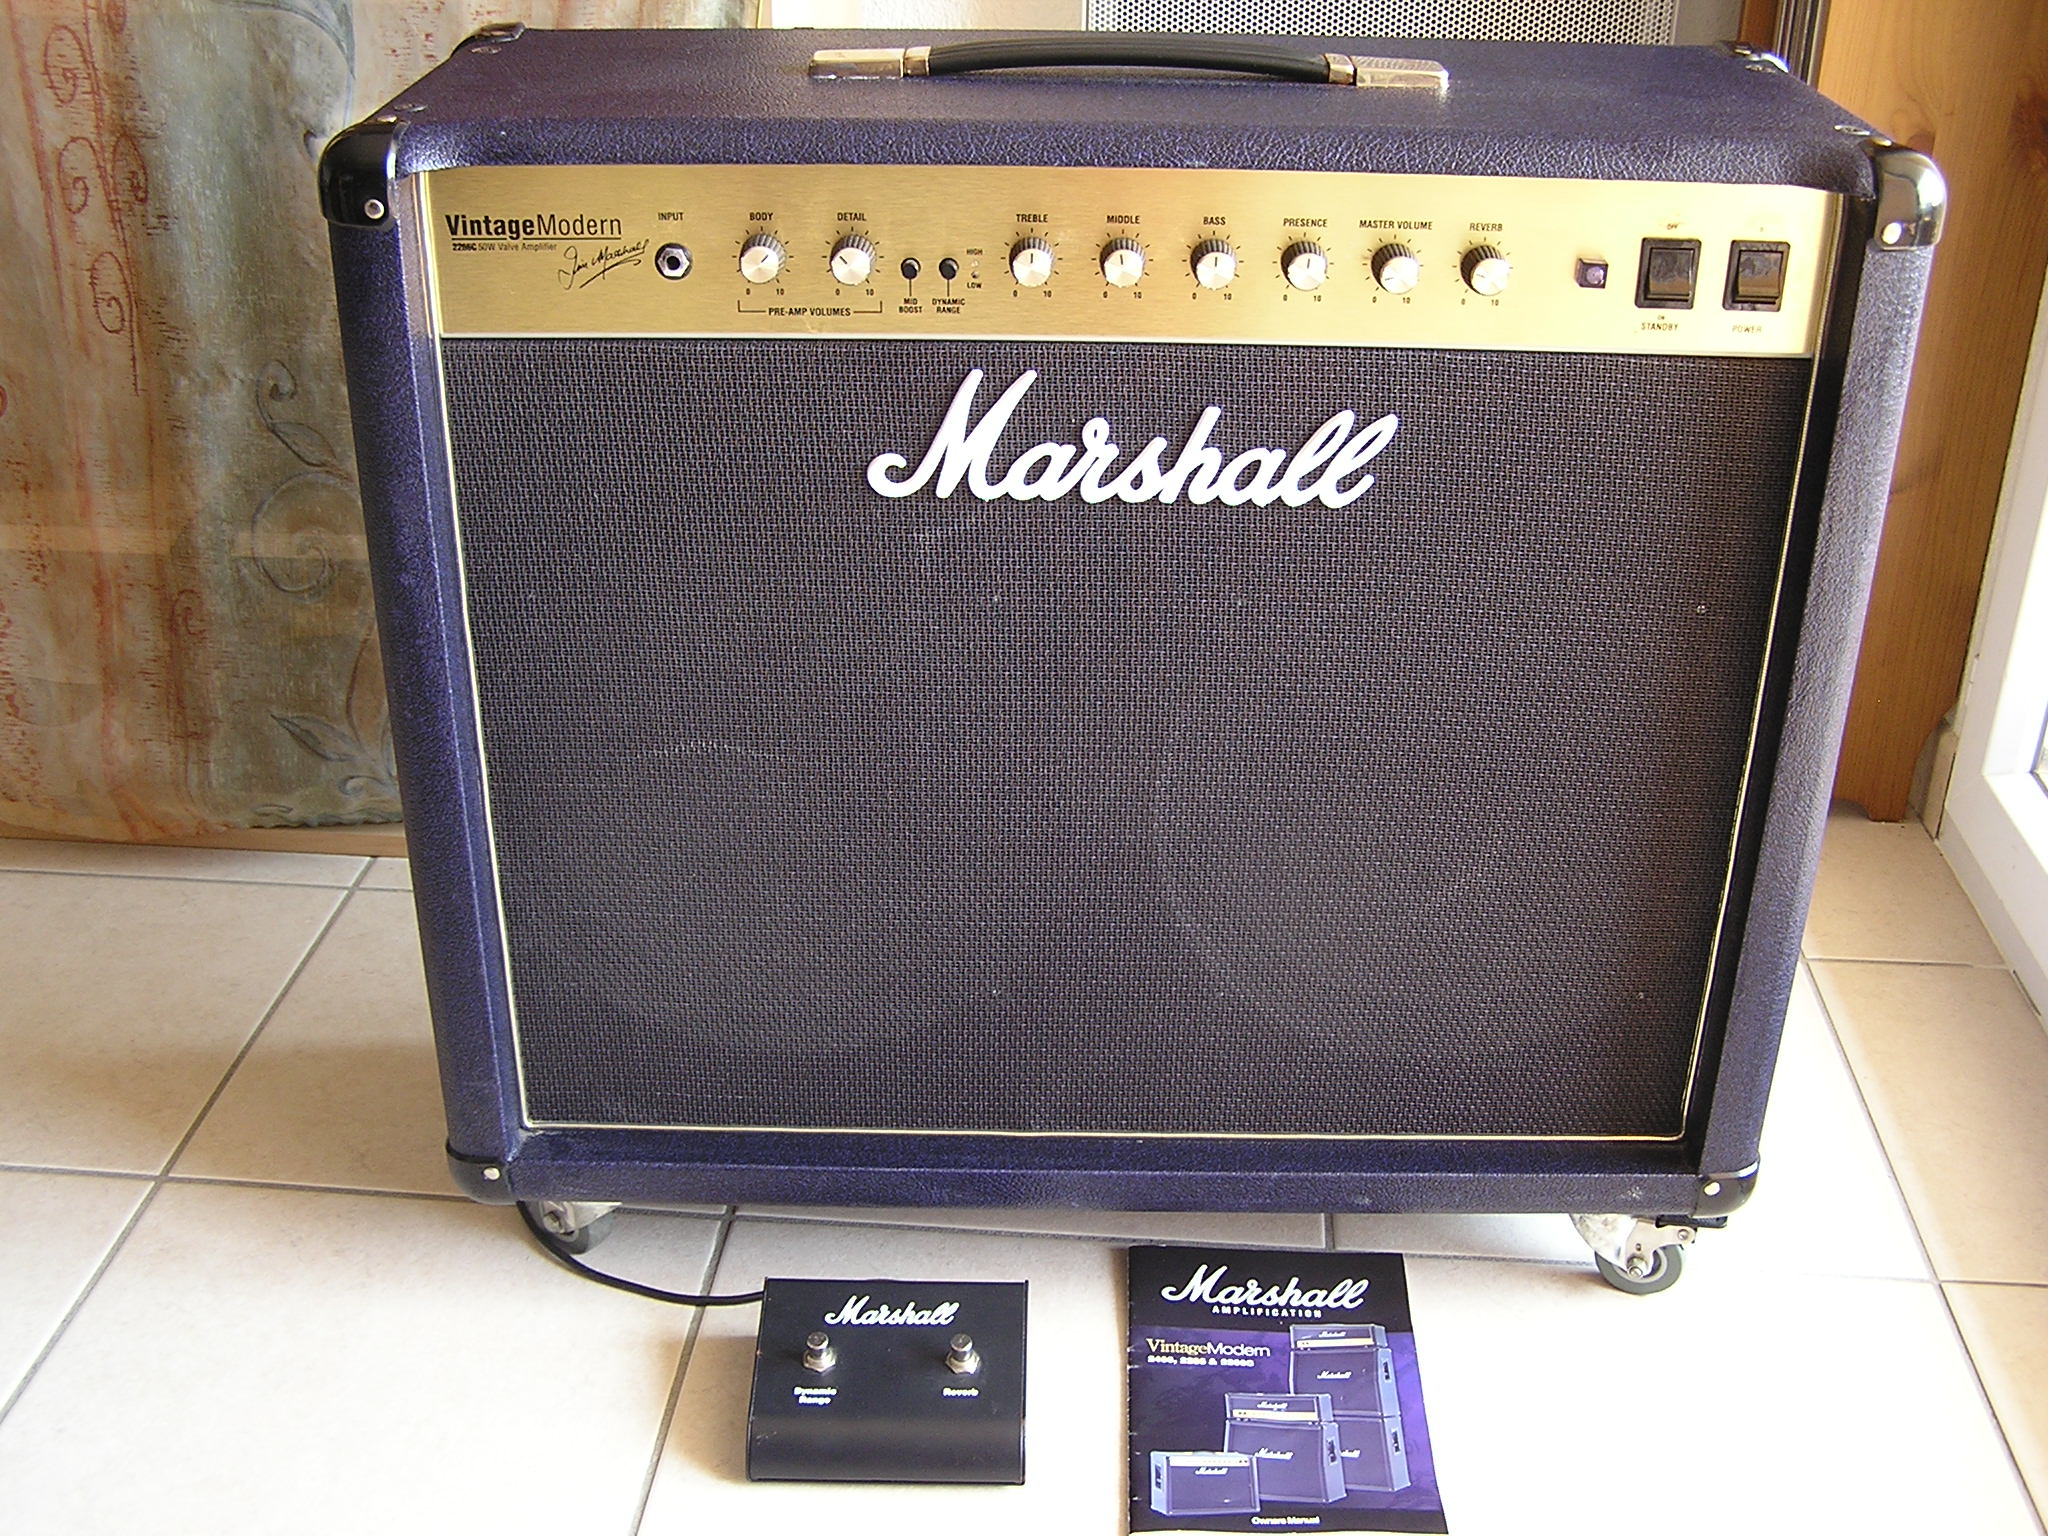 Vintage Marshall Amplifiers